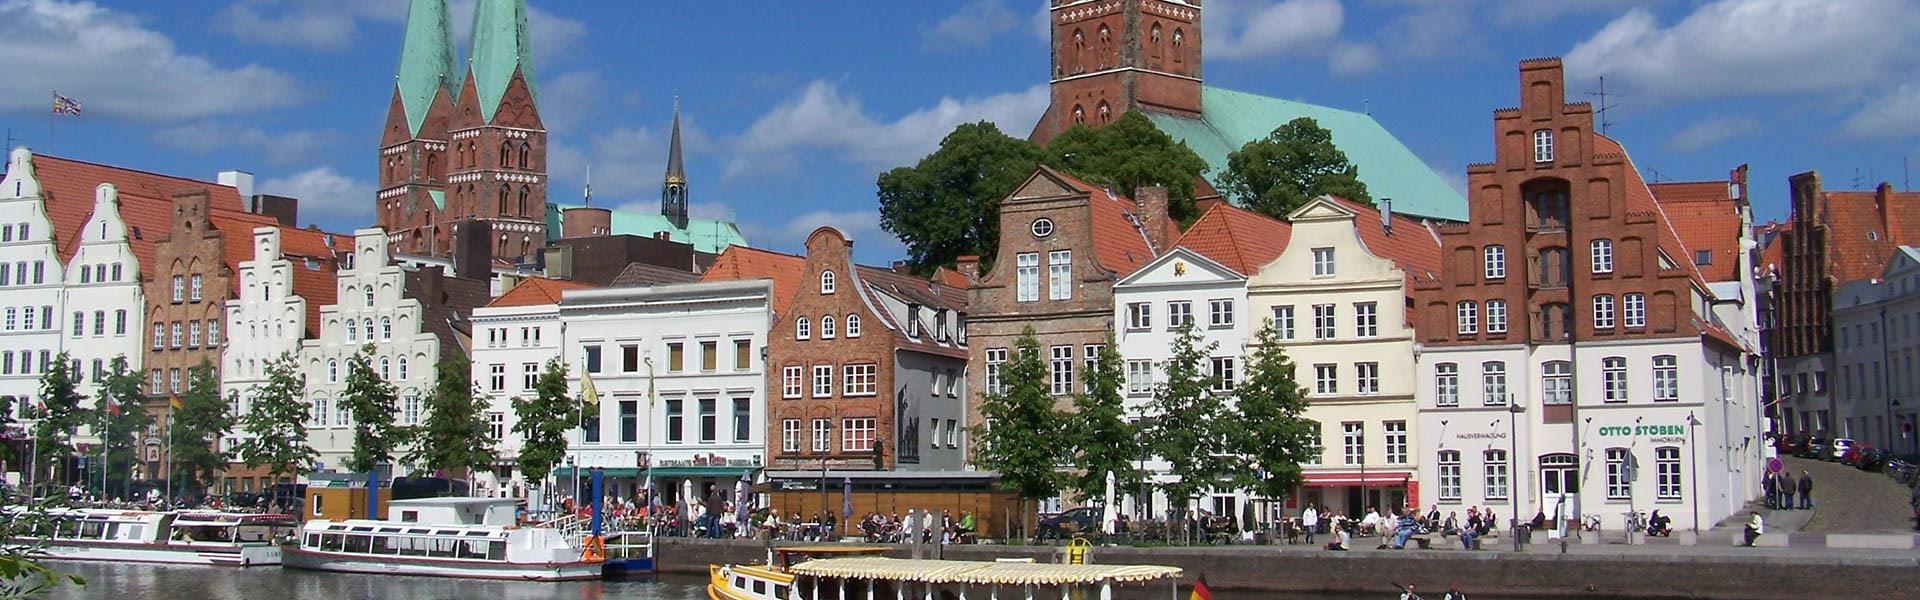 Hansestadt Lübeck an der Obertrave im Bereich San Remo | Delphos Technische Kriminalprävention